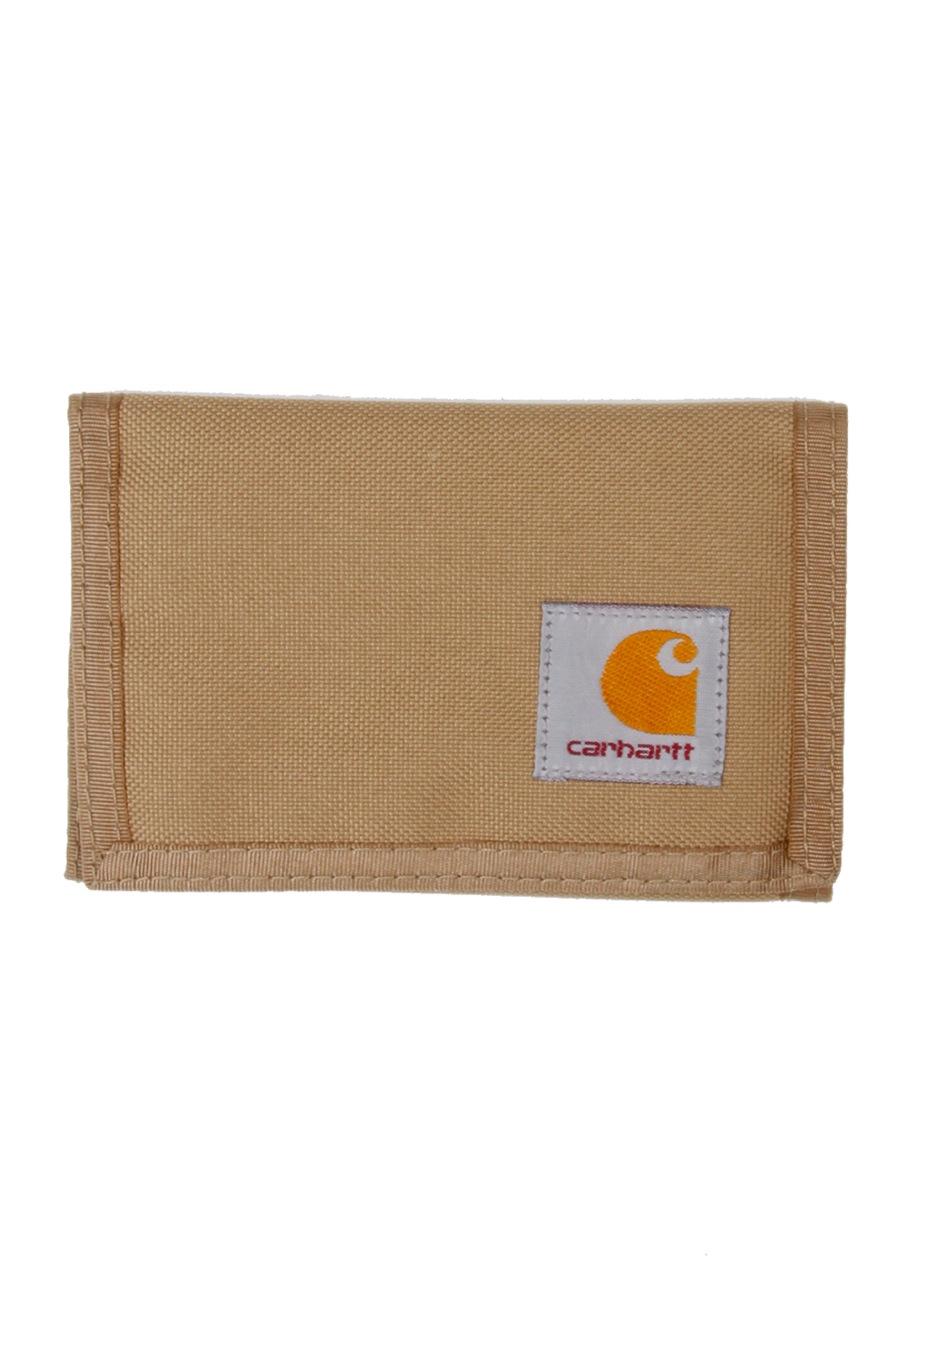 3bbcb18f3 Carhartt WIP - Wallet Leather - Cartera - Tienda de marcas - Impericon.com  ES